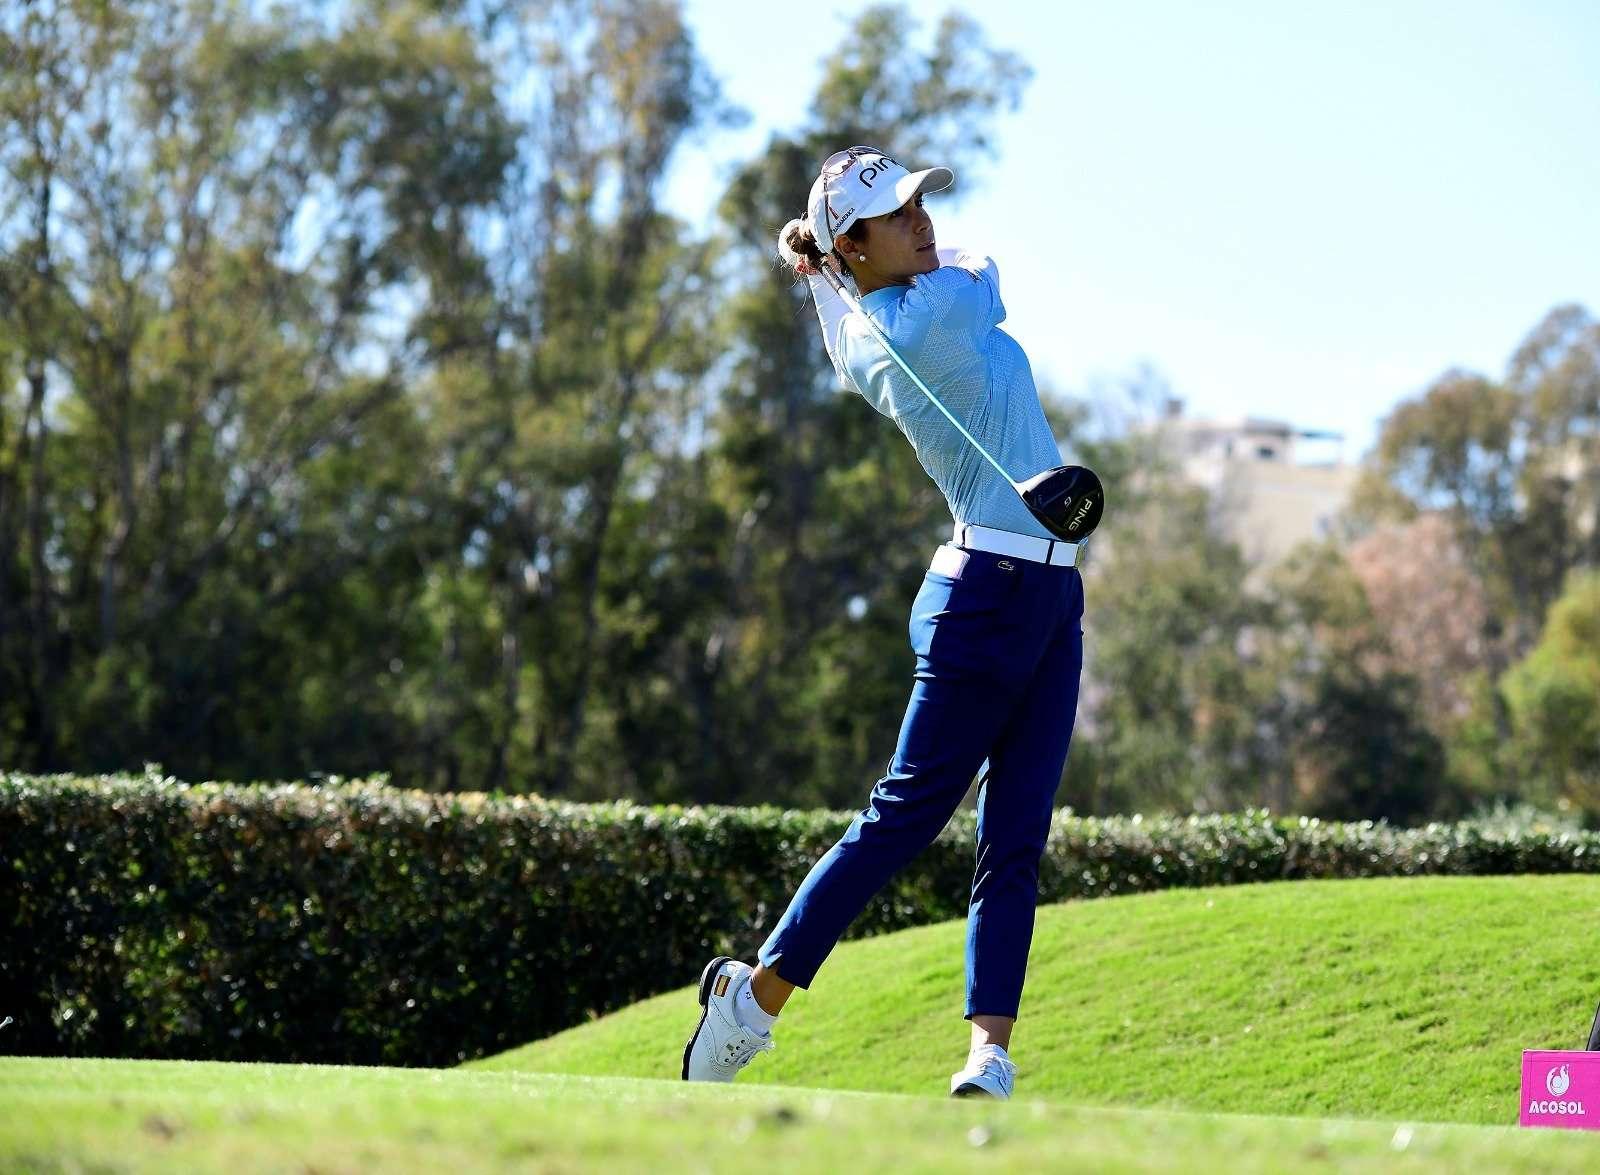 El torneo se celebra del 26 al 29 de noviembre en Marbella con la presencia de algunas de las mejores jugadoras del circuito.